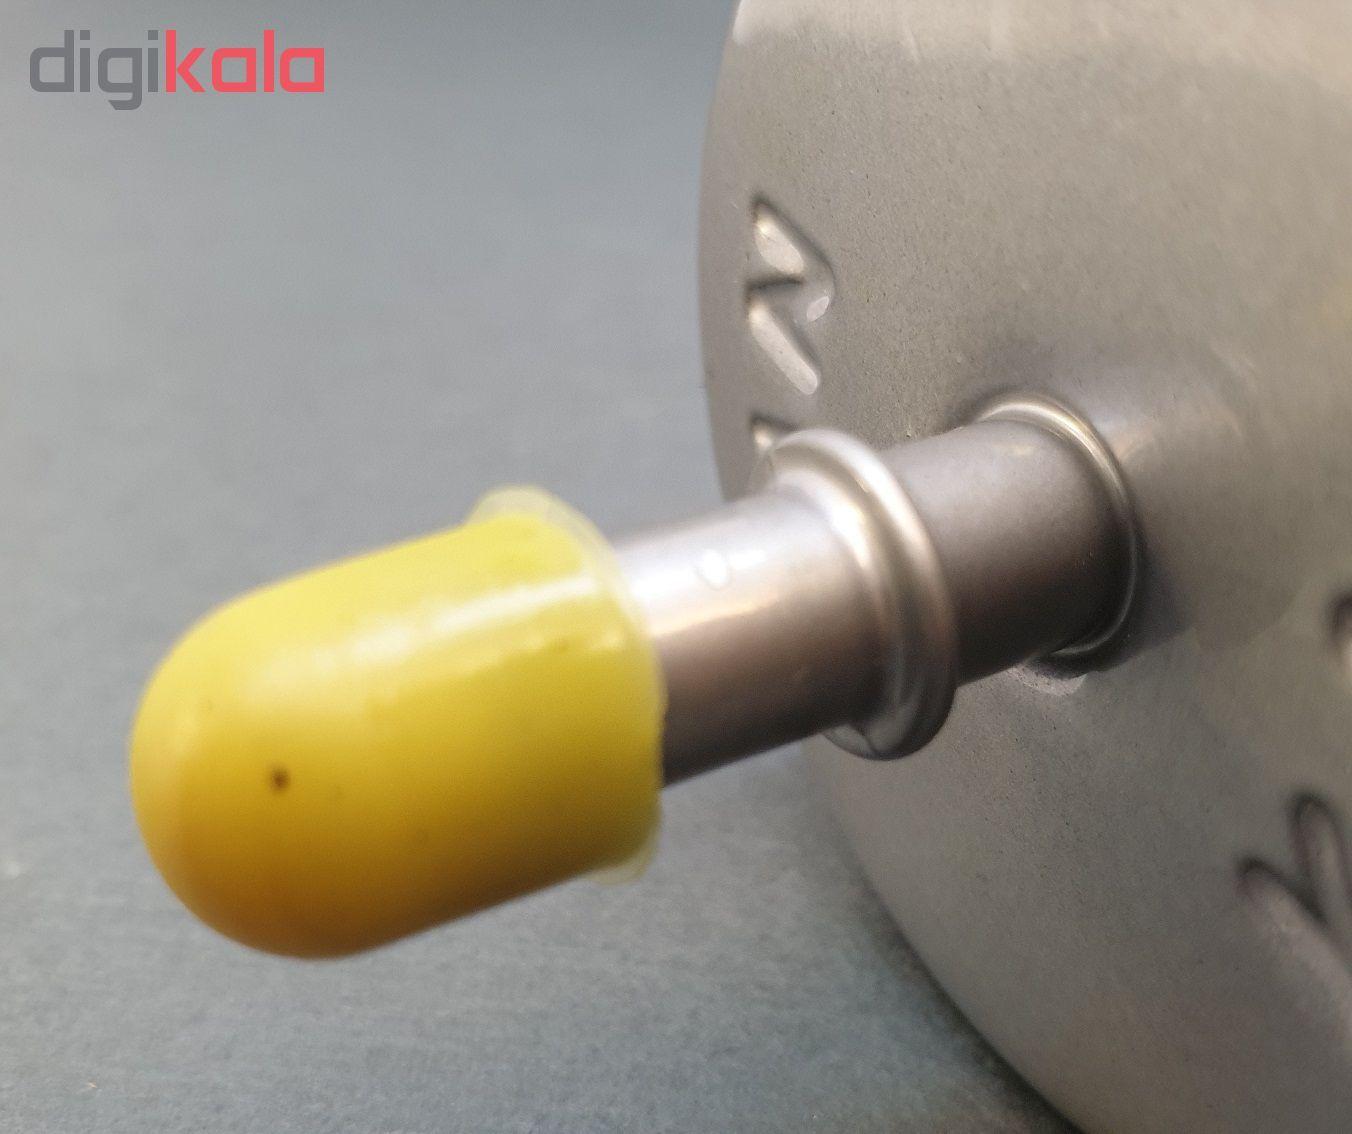 فیلتر بنزین خودرو مدل EP145 مناسب برای گروه پژو main 1 5